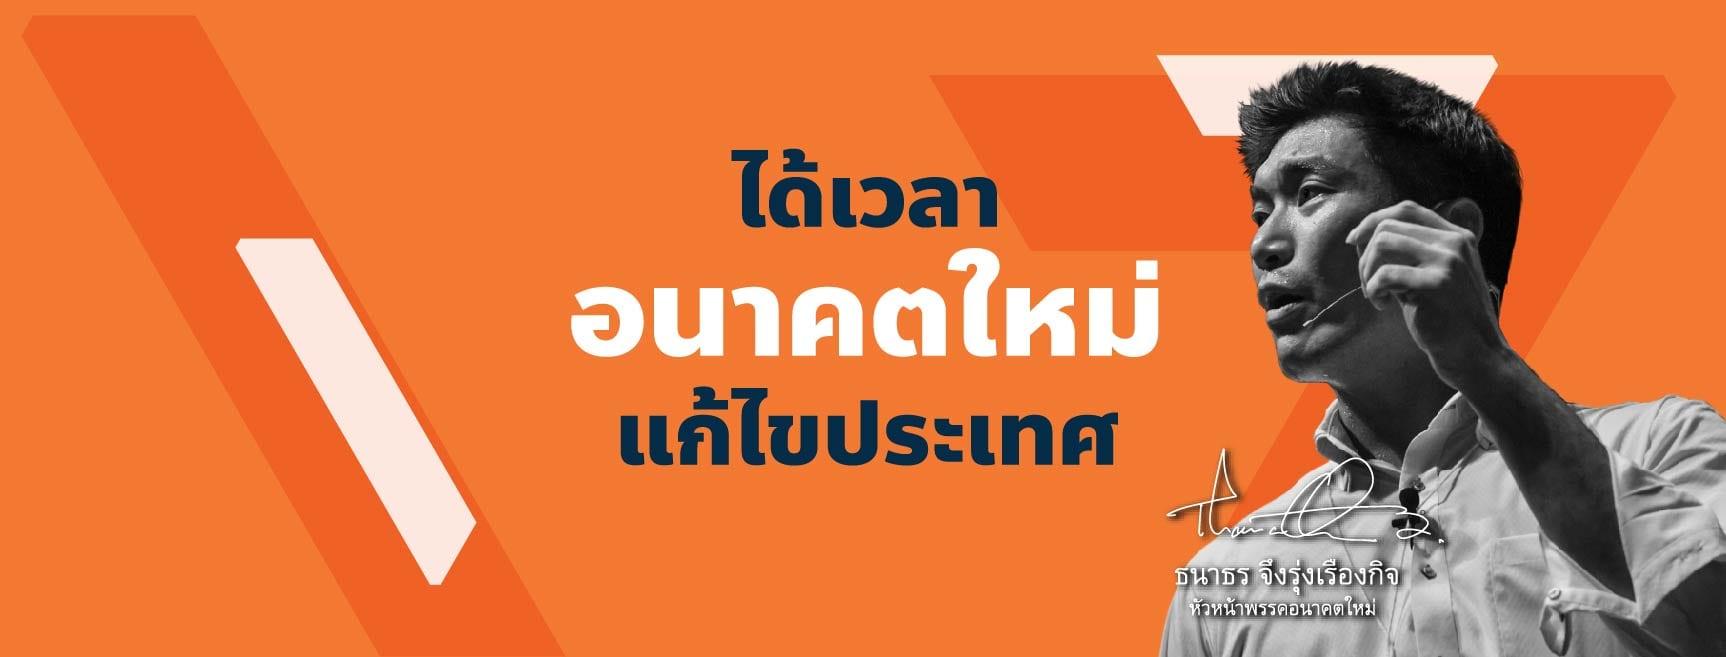 เลือกตั้ง 62 รณรงค์เลือกตั้ง คูหาเลือกตั้ง ขั้นตอนการเลือกตั้ง